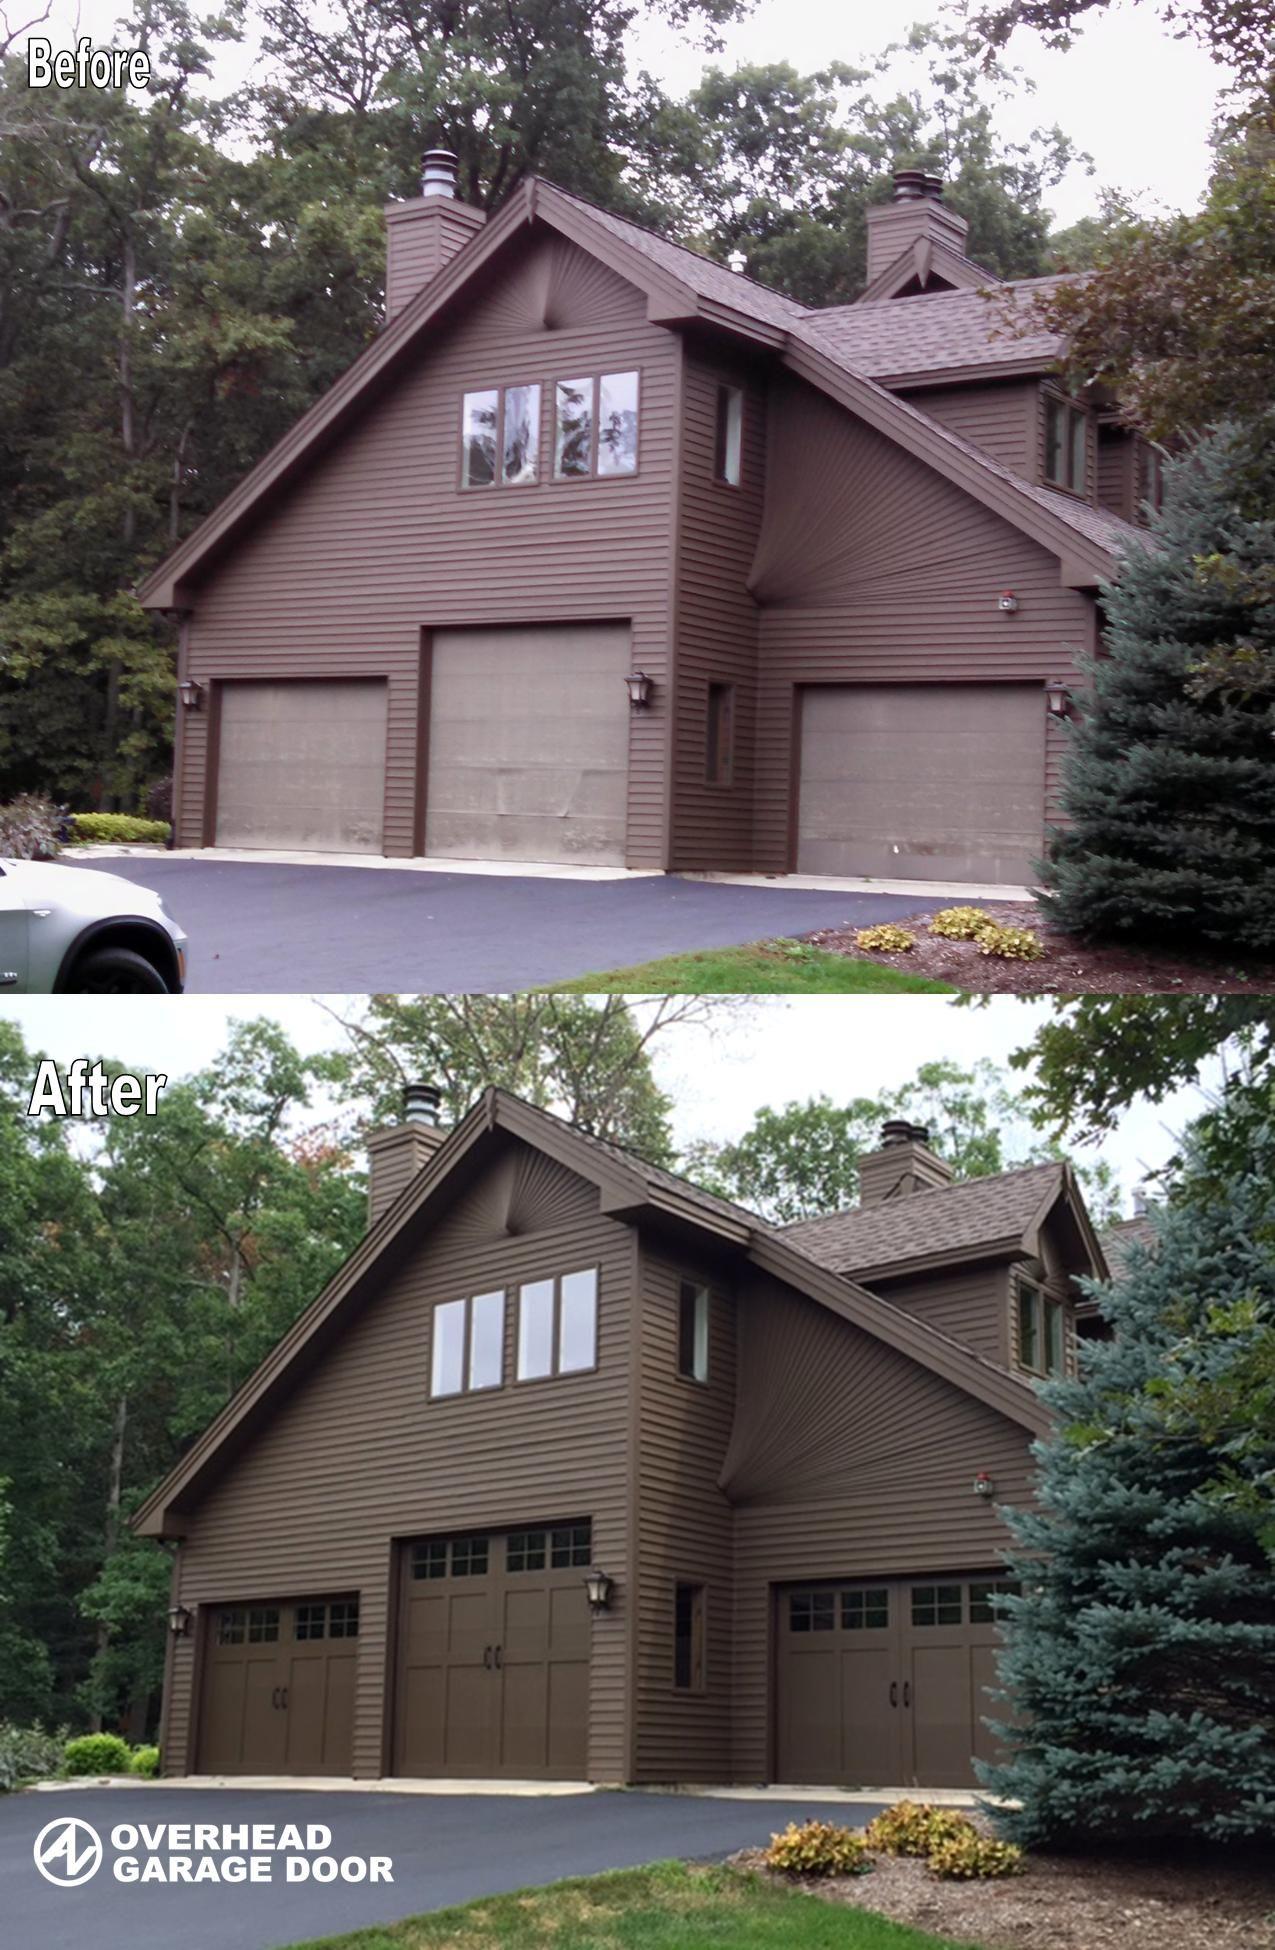 Custom Eden Coast Garage Doors Designed And Installed By AV Overhead Garage  Door Www.garagedoorwebsite